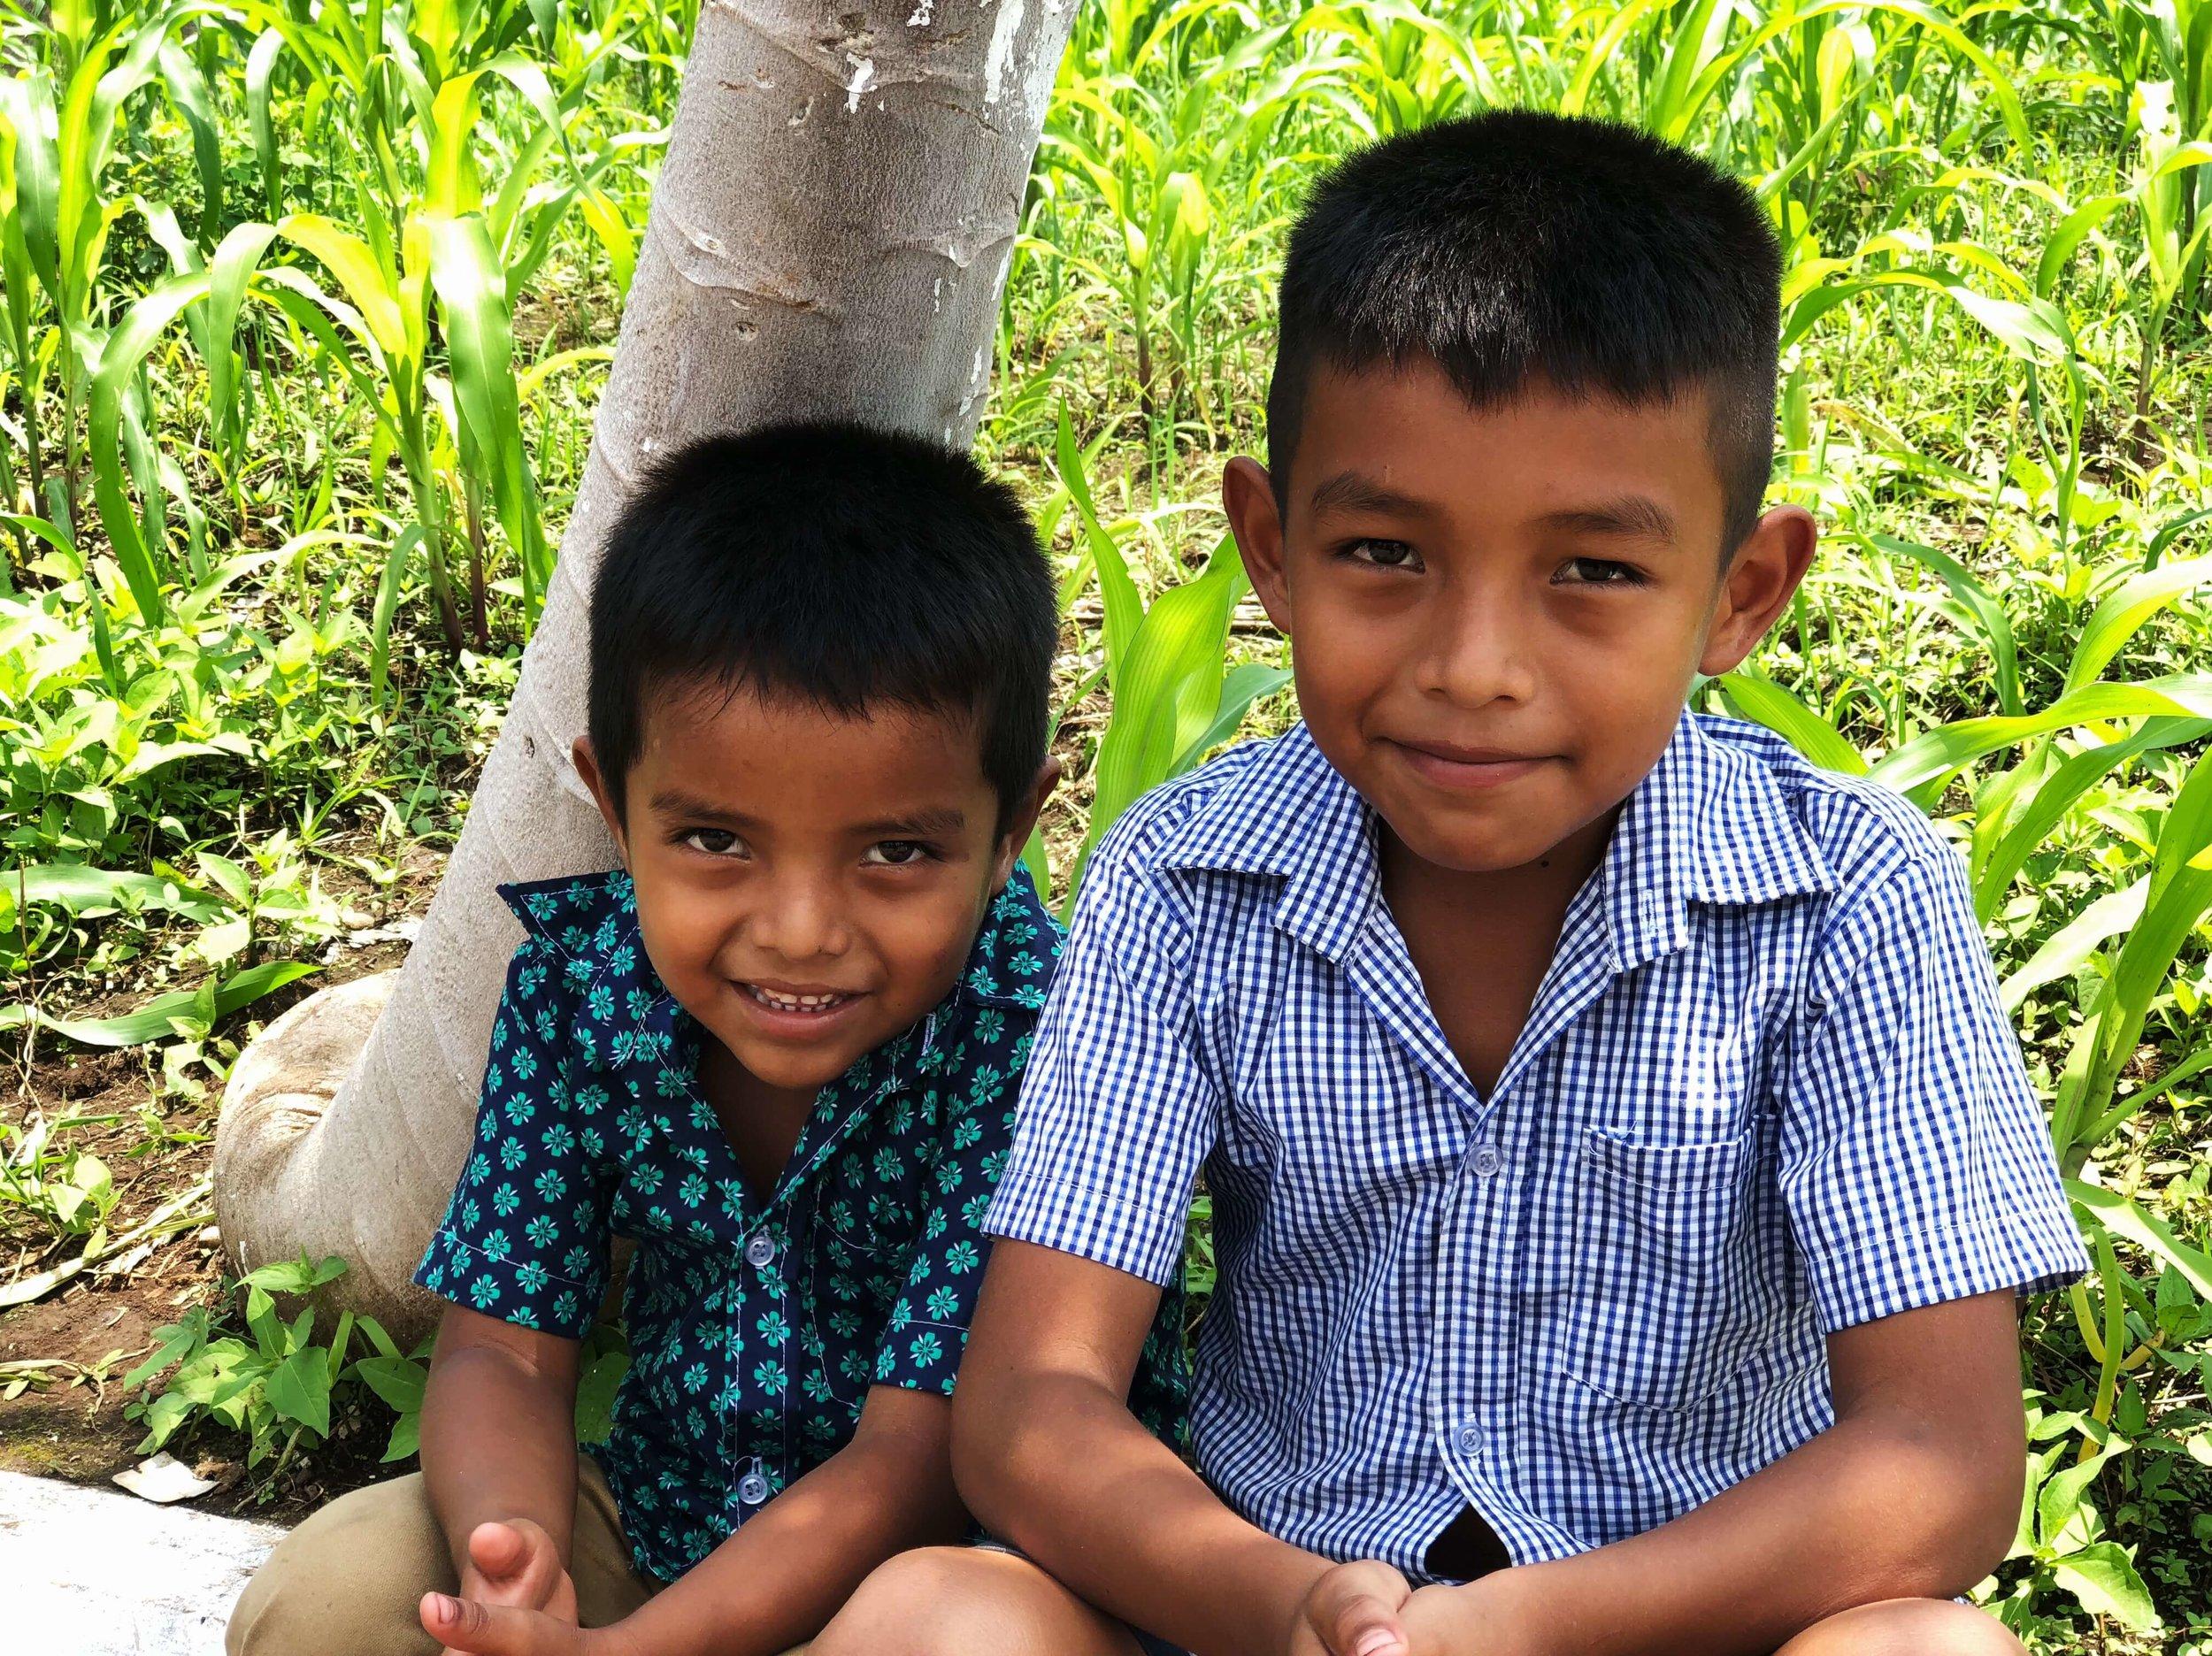 Guatemala1 V2.JPG